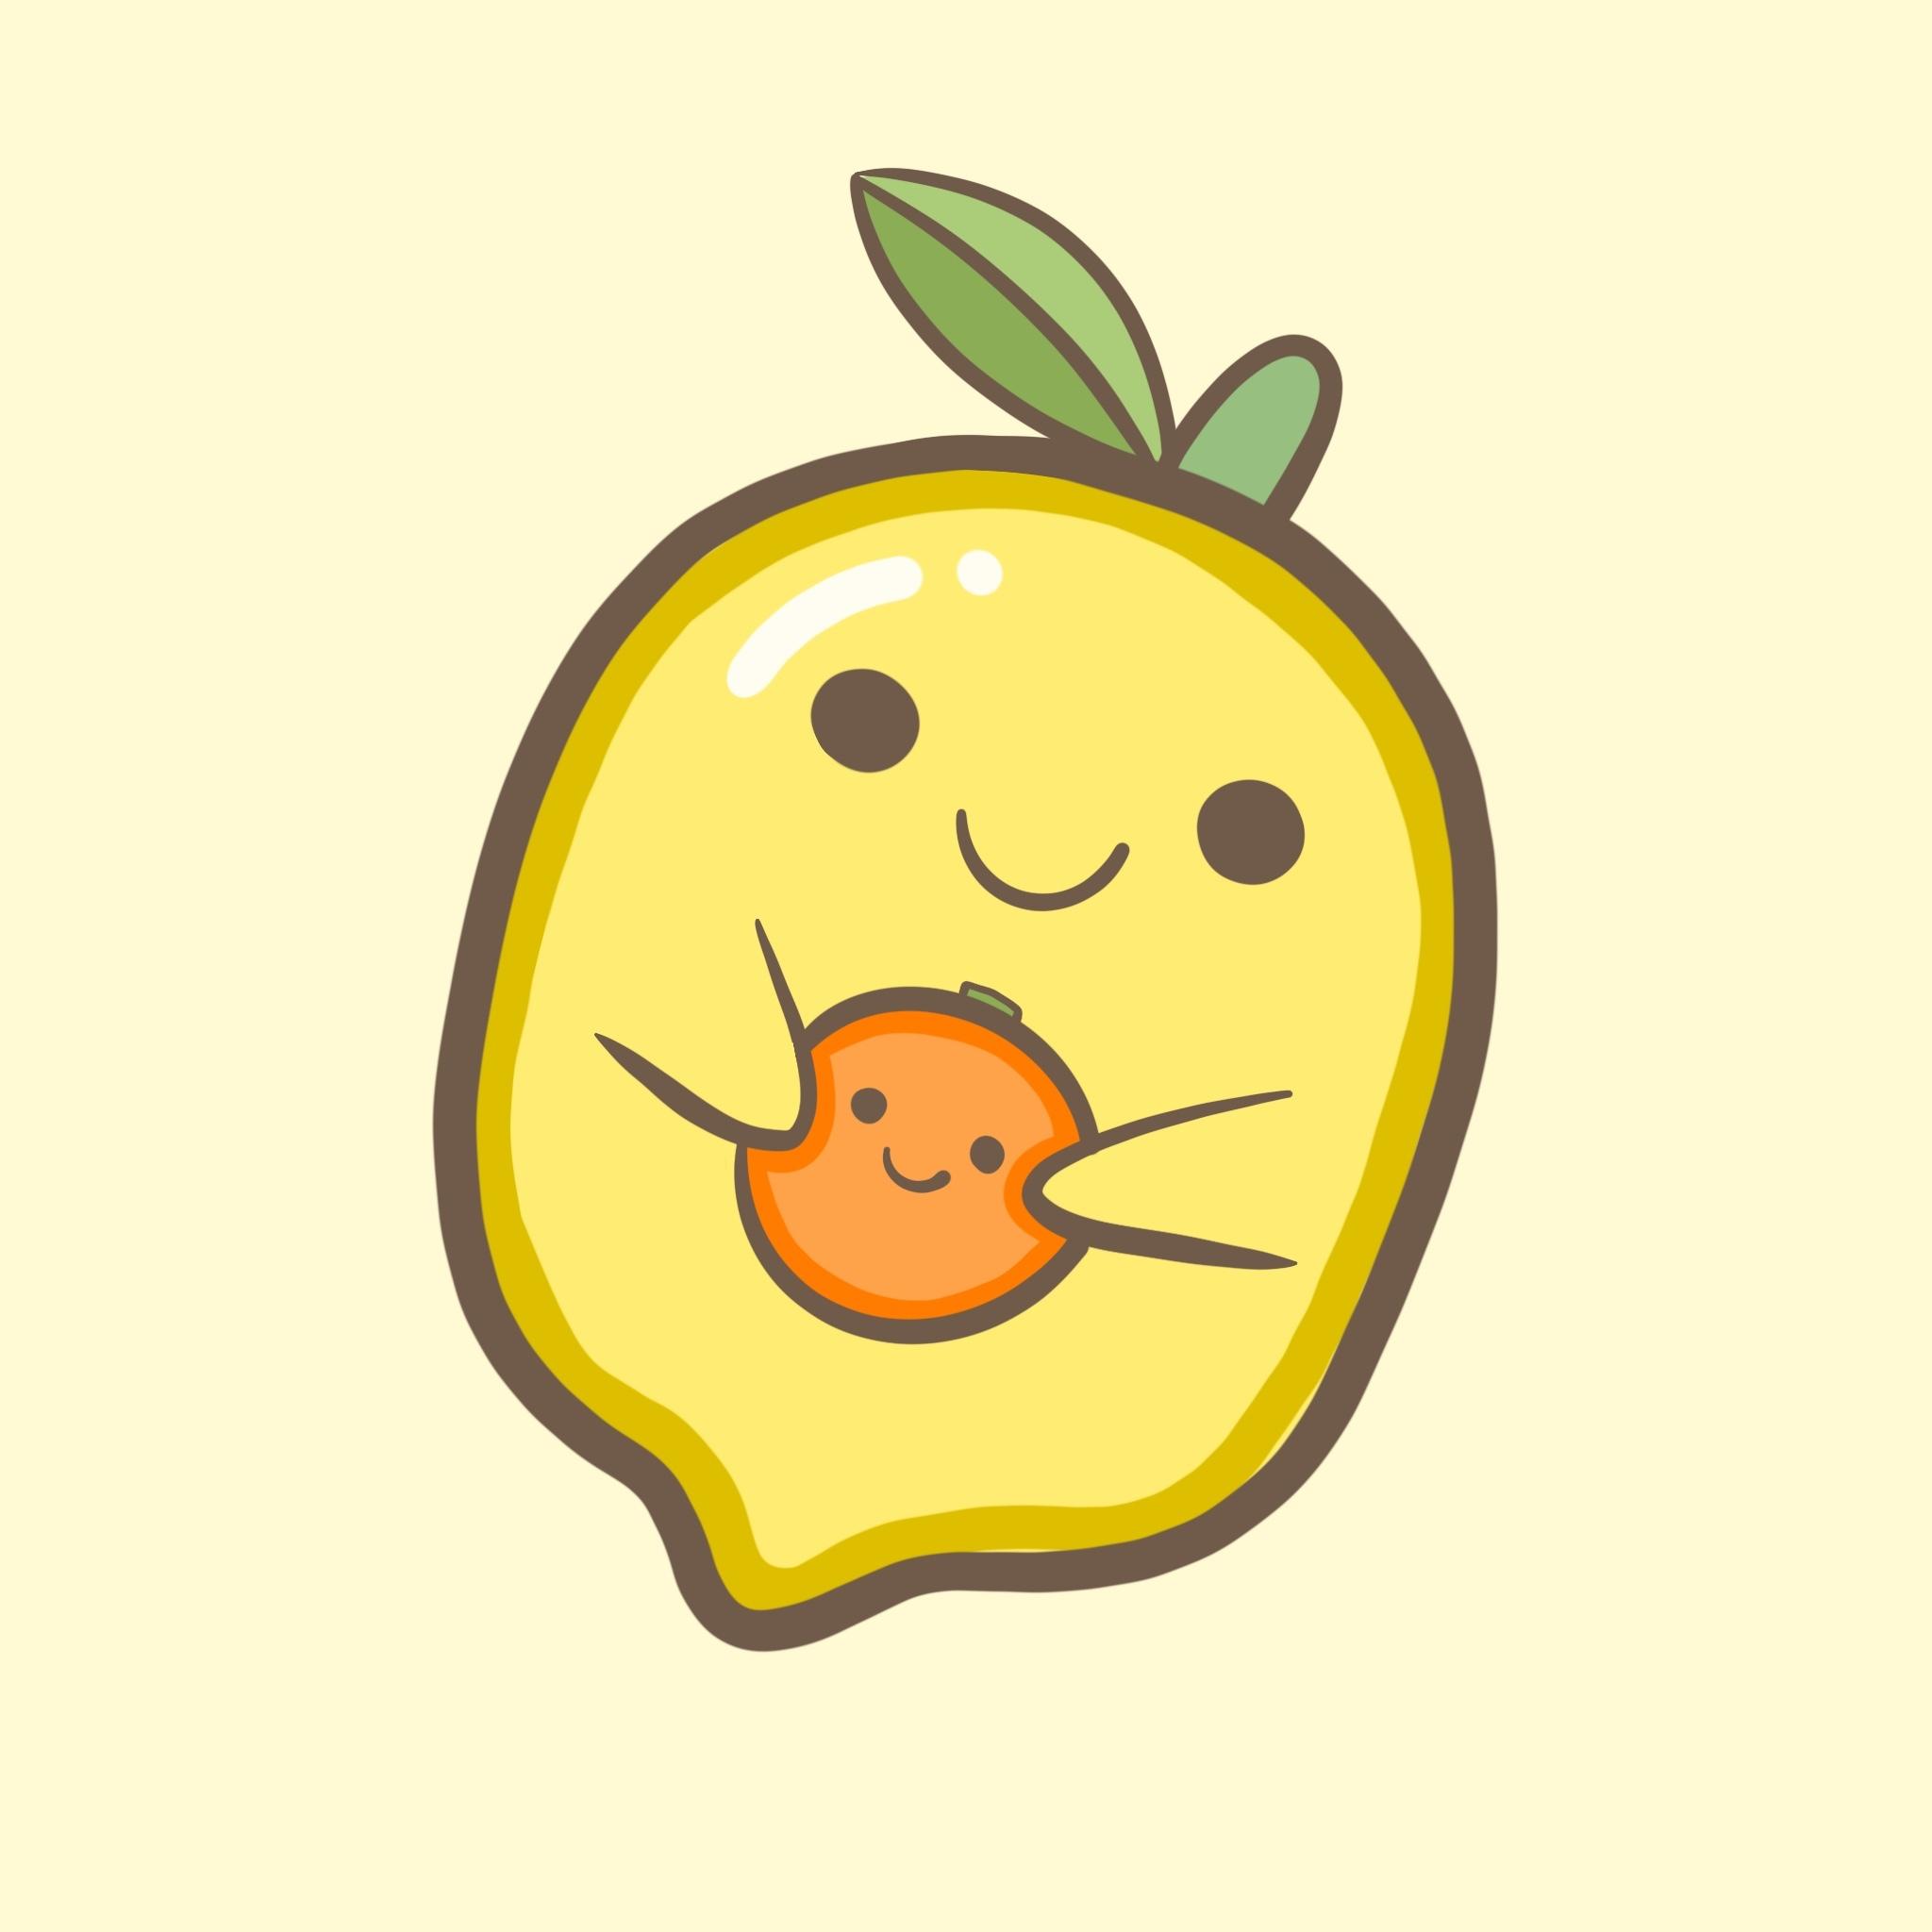 有趣的朋友圈个性说说心情:你吃不到的葡萄,我吃得特别甜